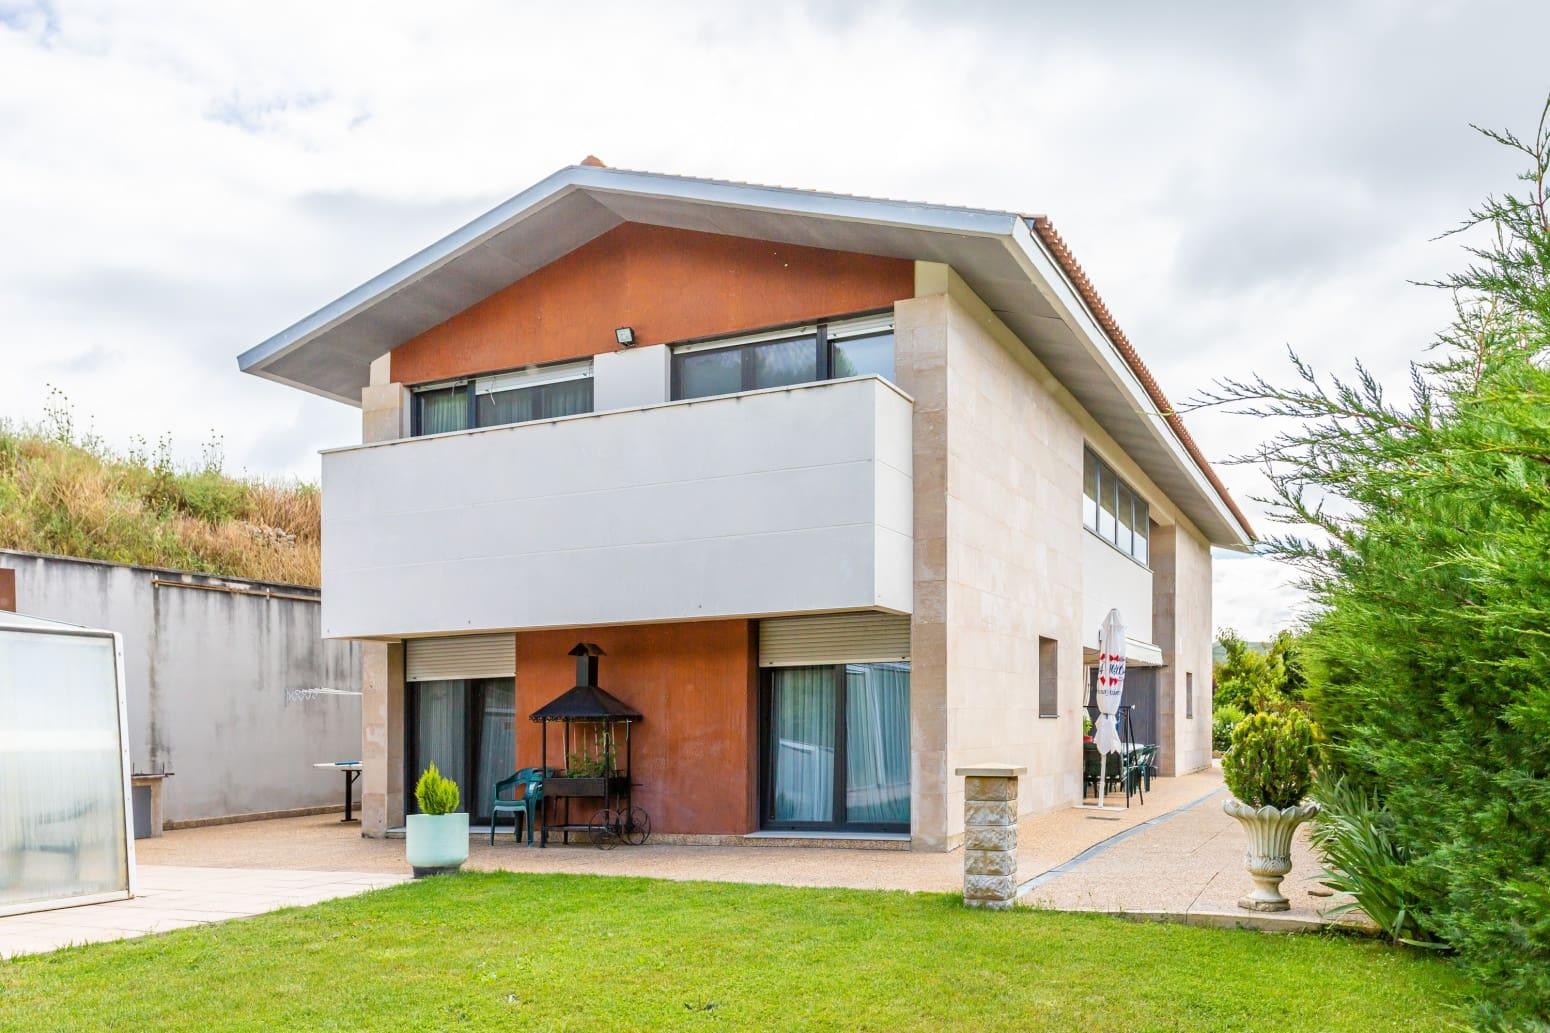 6 soverom Rekkehus til salgs i San Martin de Unx med svømmebasseng garasje - € 360 000 (Ref: 5353894)